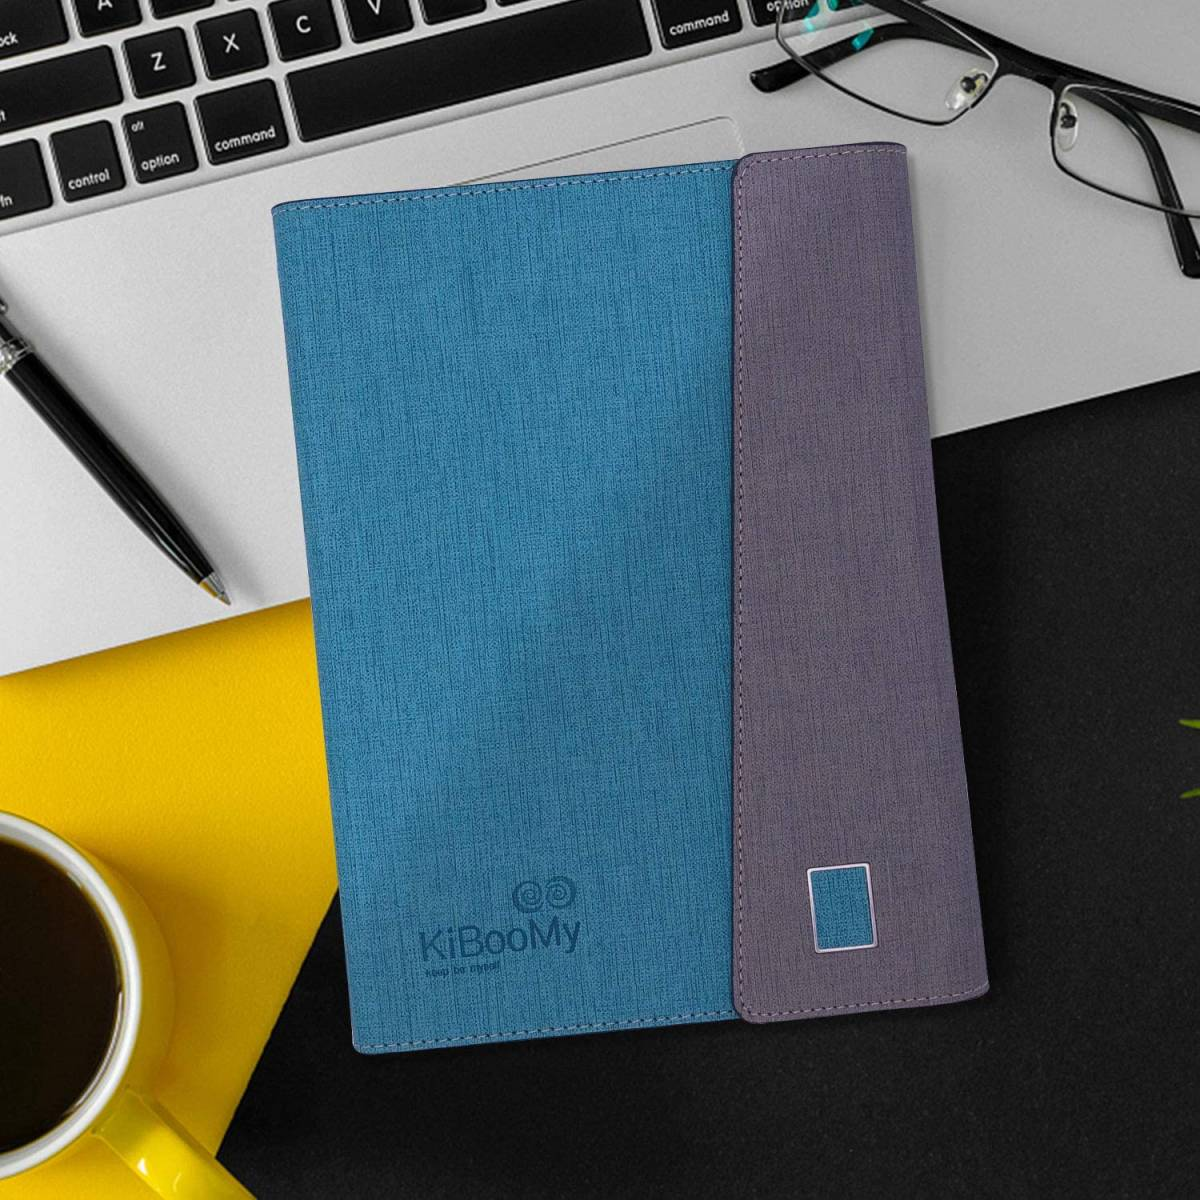 システム手帳カバー A5 KiBooMy PUレザー製 リフィル100枚付属 カード収納ケース付きA5サイズ メモ帳 ノート スタンダードタイプ 6穴リング_画像3